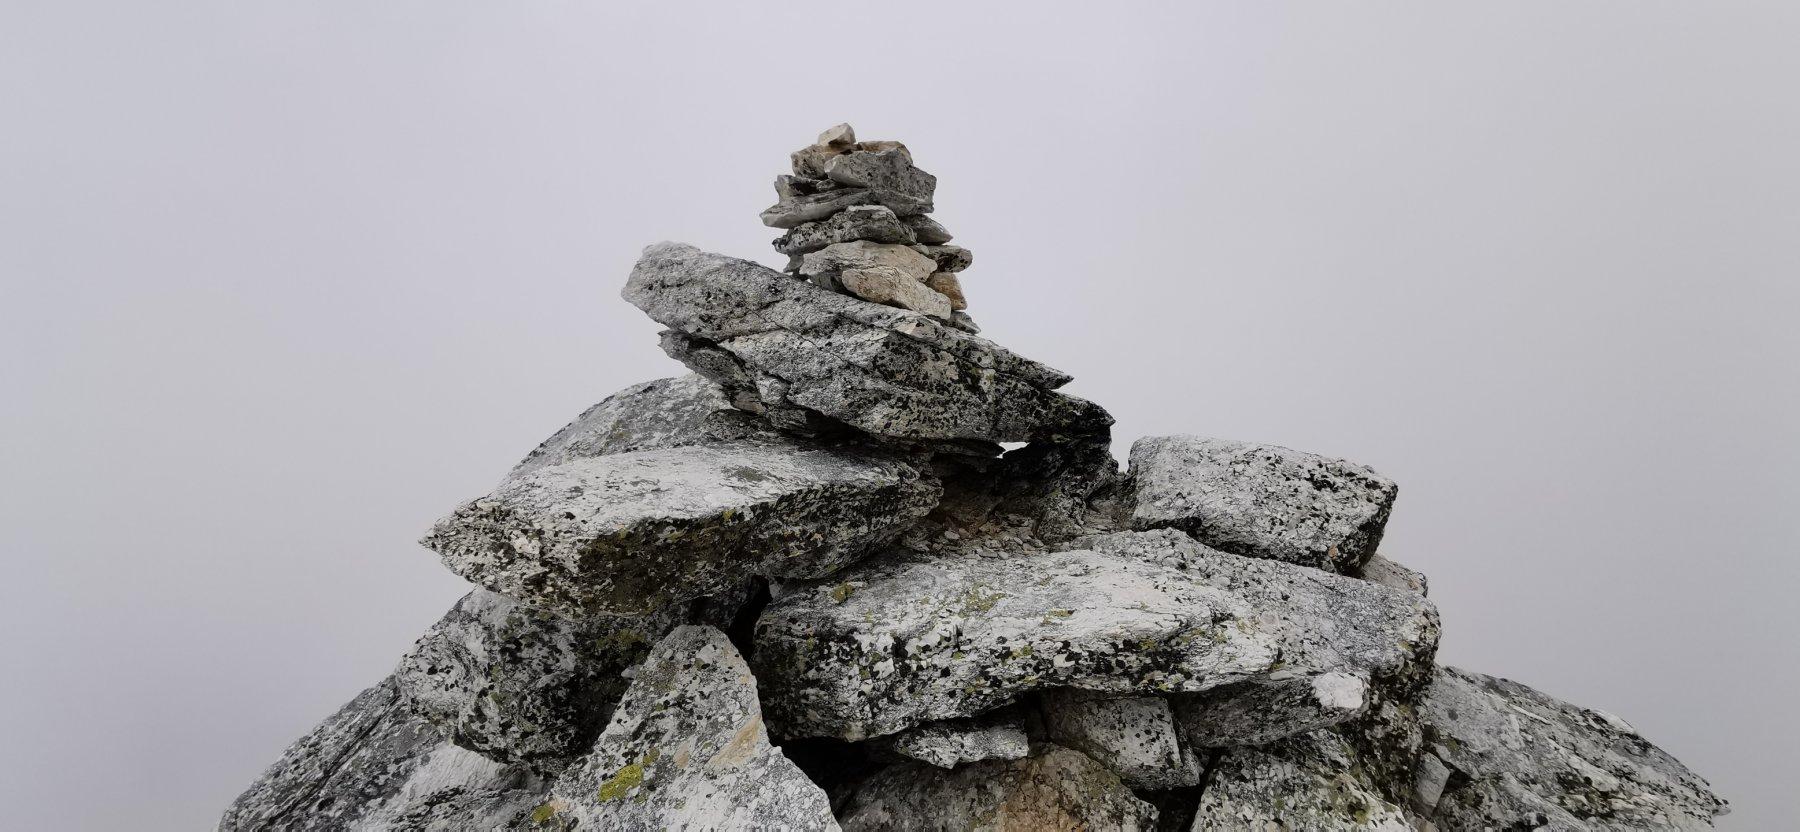 il piccolo e semplice ometto di pietre che indica la cima